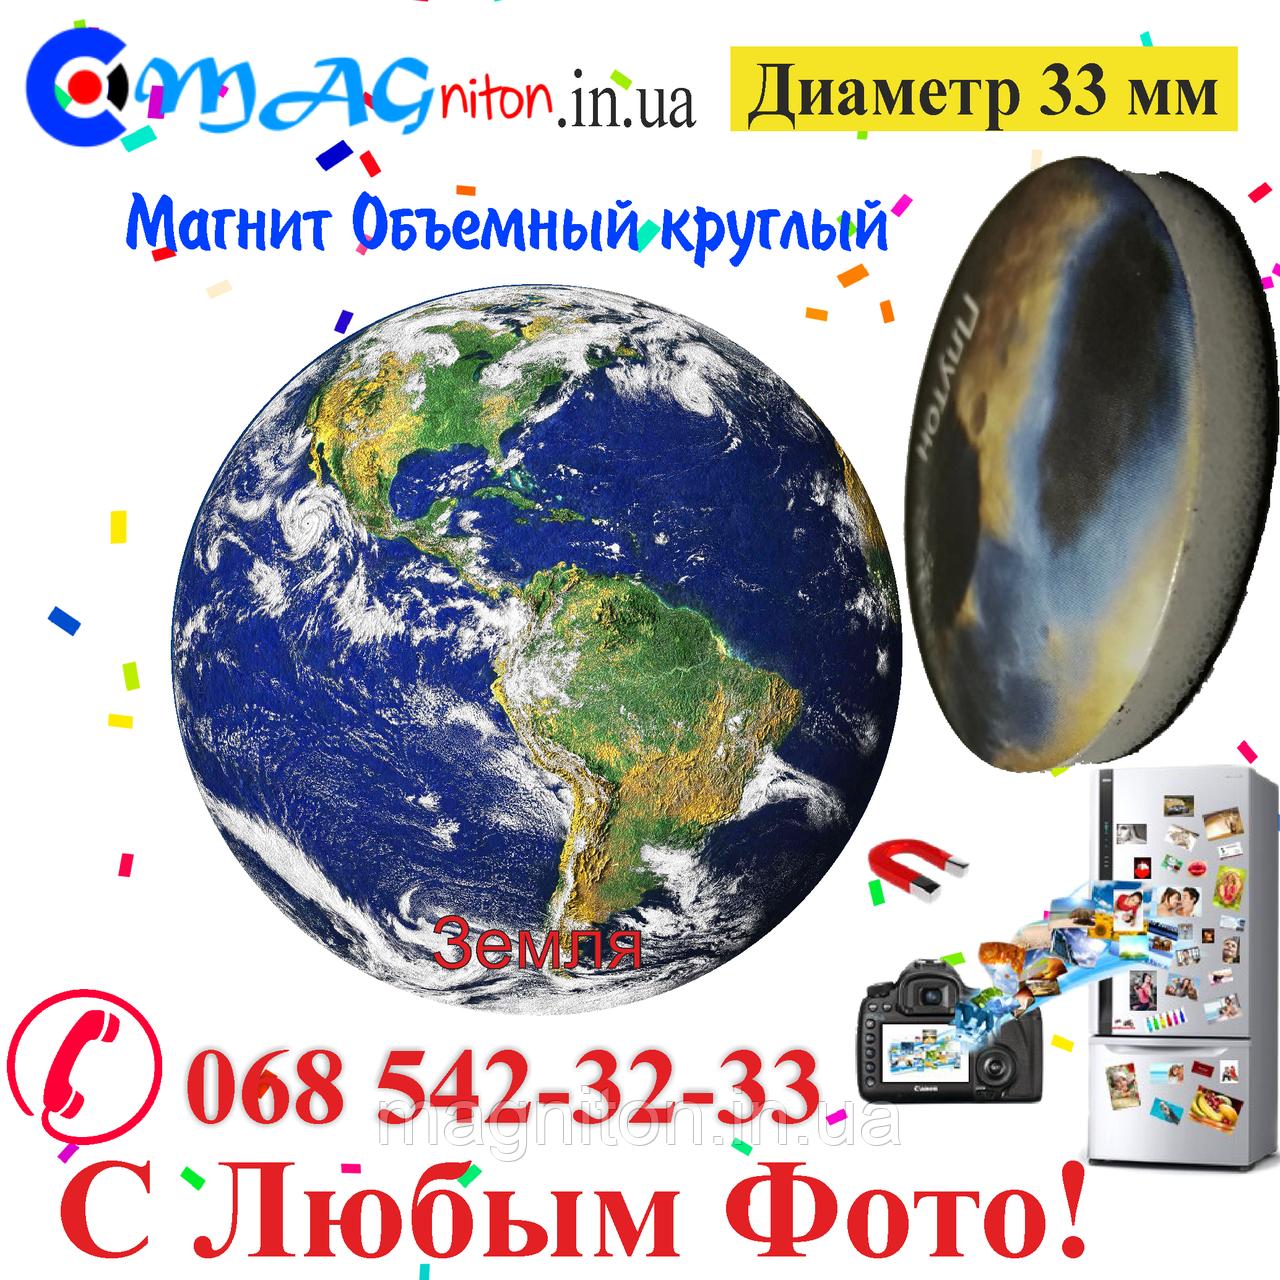 Магнитик Земля объёмный 33мм